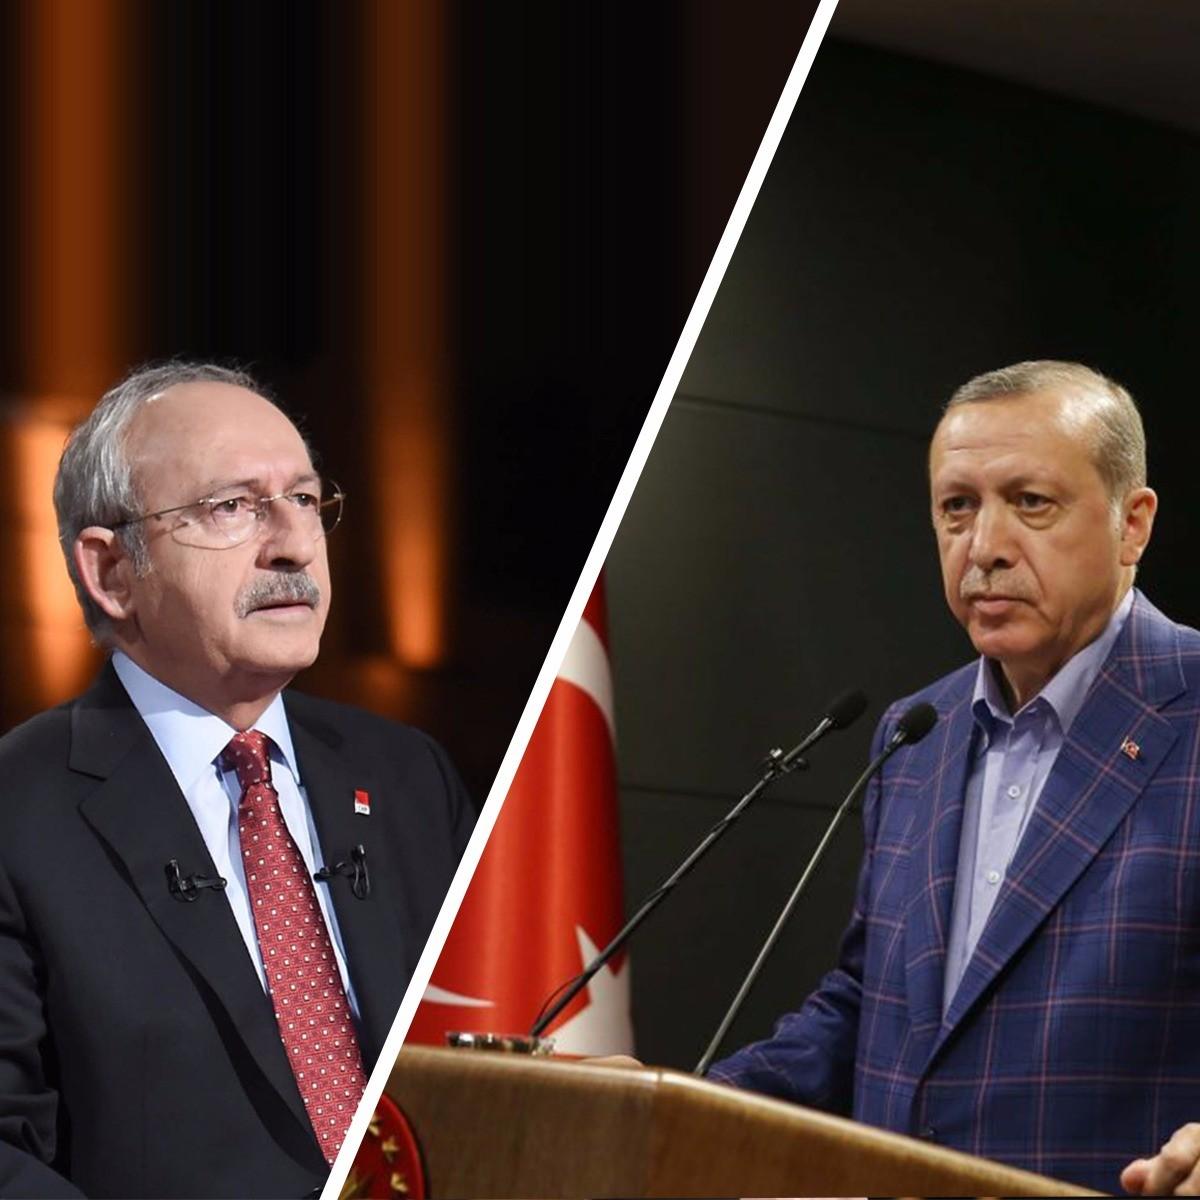 Kılıçdaroğlu'nu Değil, Siyasi Partiler Yasası'nı Değiştiriniz!